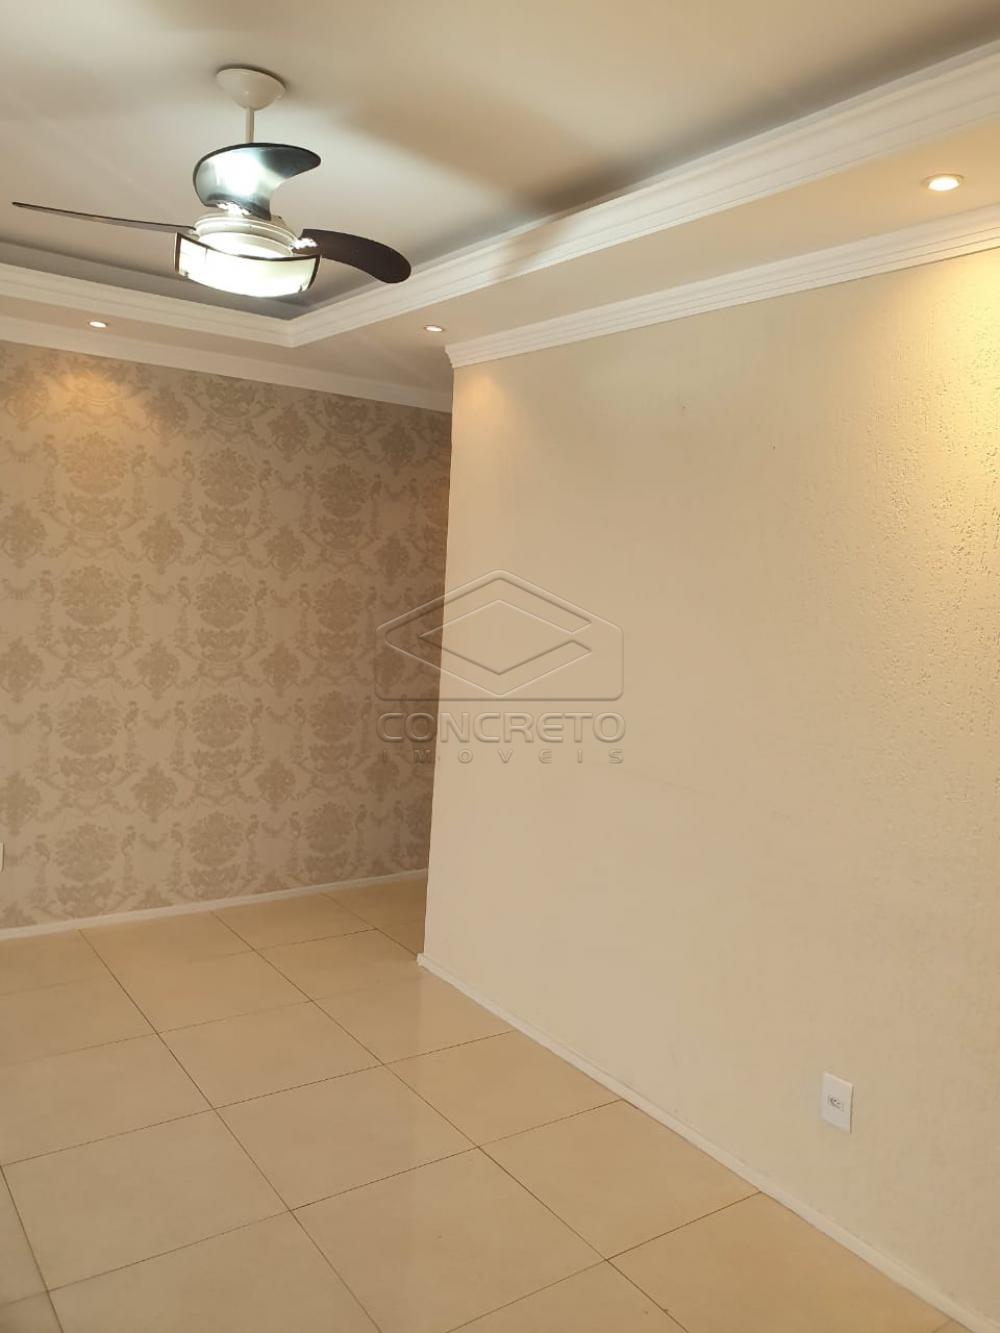 Comprar Apartamento / Padrão em Bauru apenas R$ 400.000,00 - Foto 3